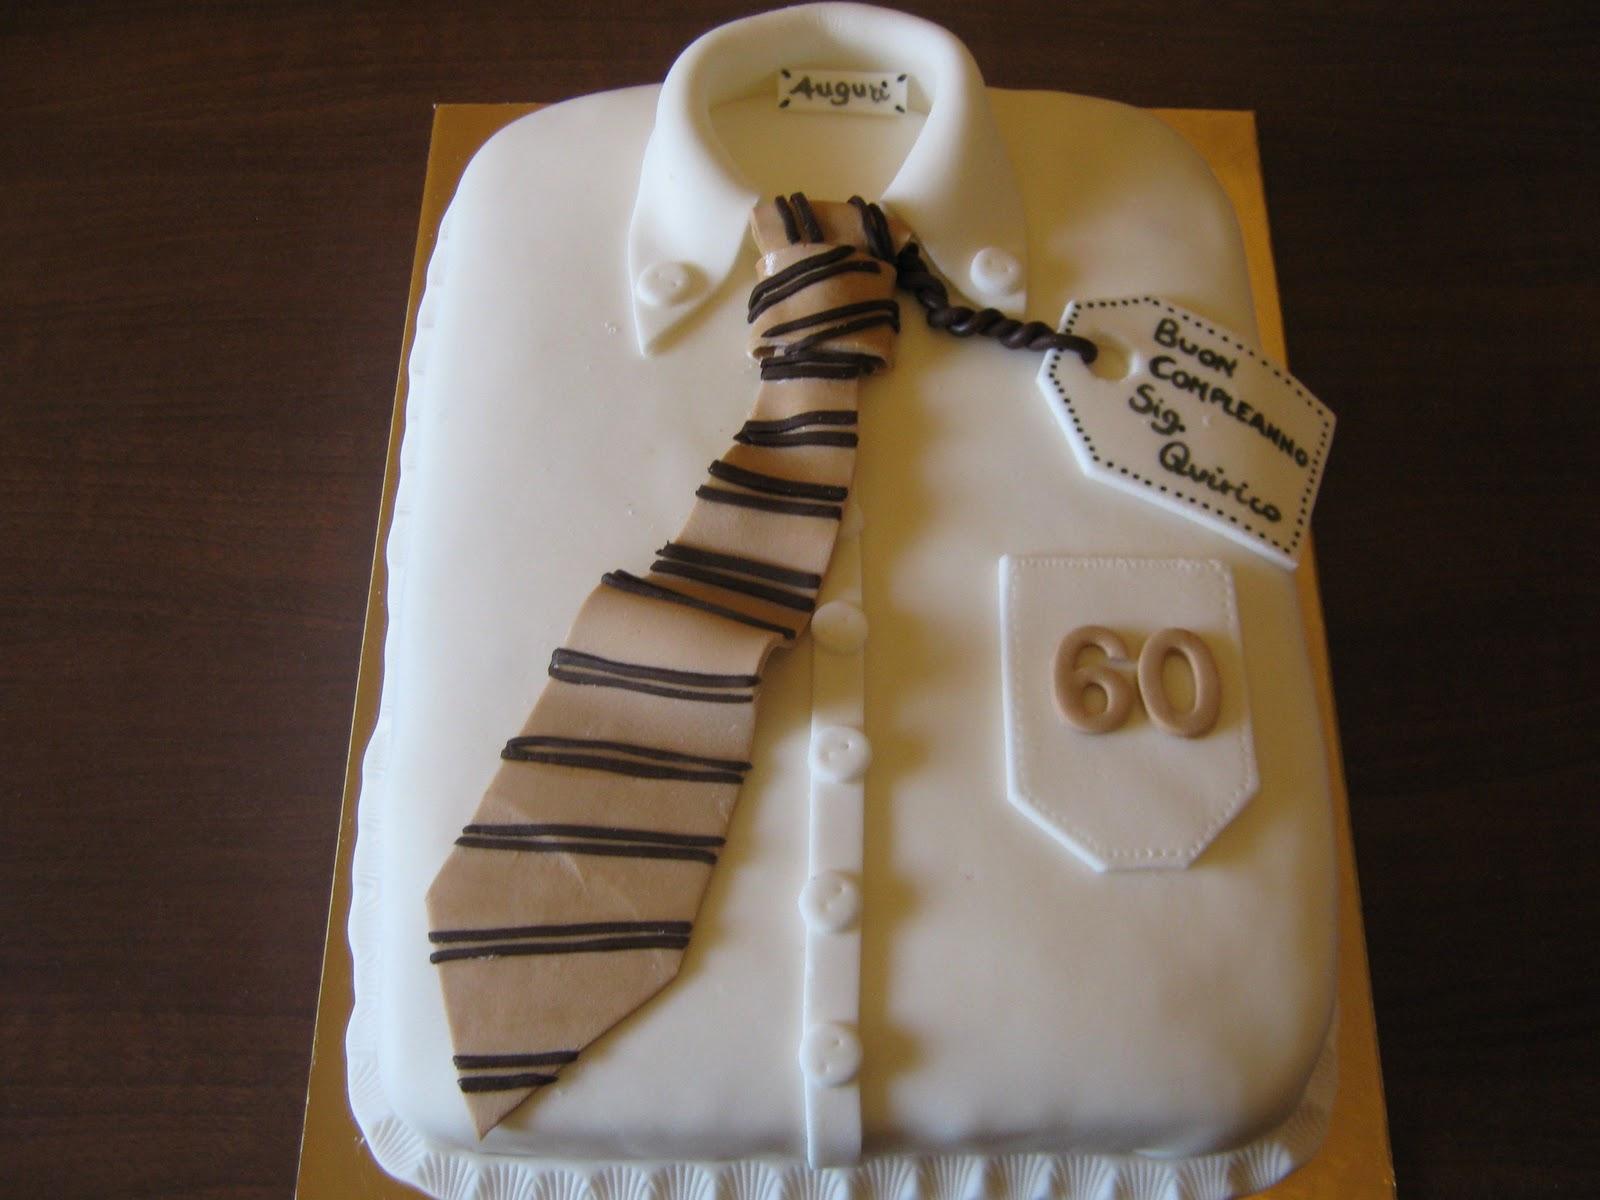 Le torte di barbara ottobre 2010 for Decorazioni torte 40 anni uomo